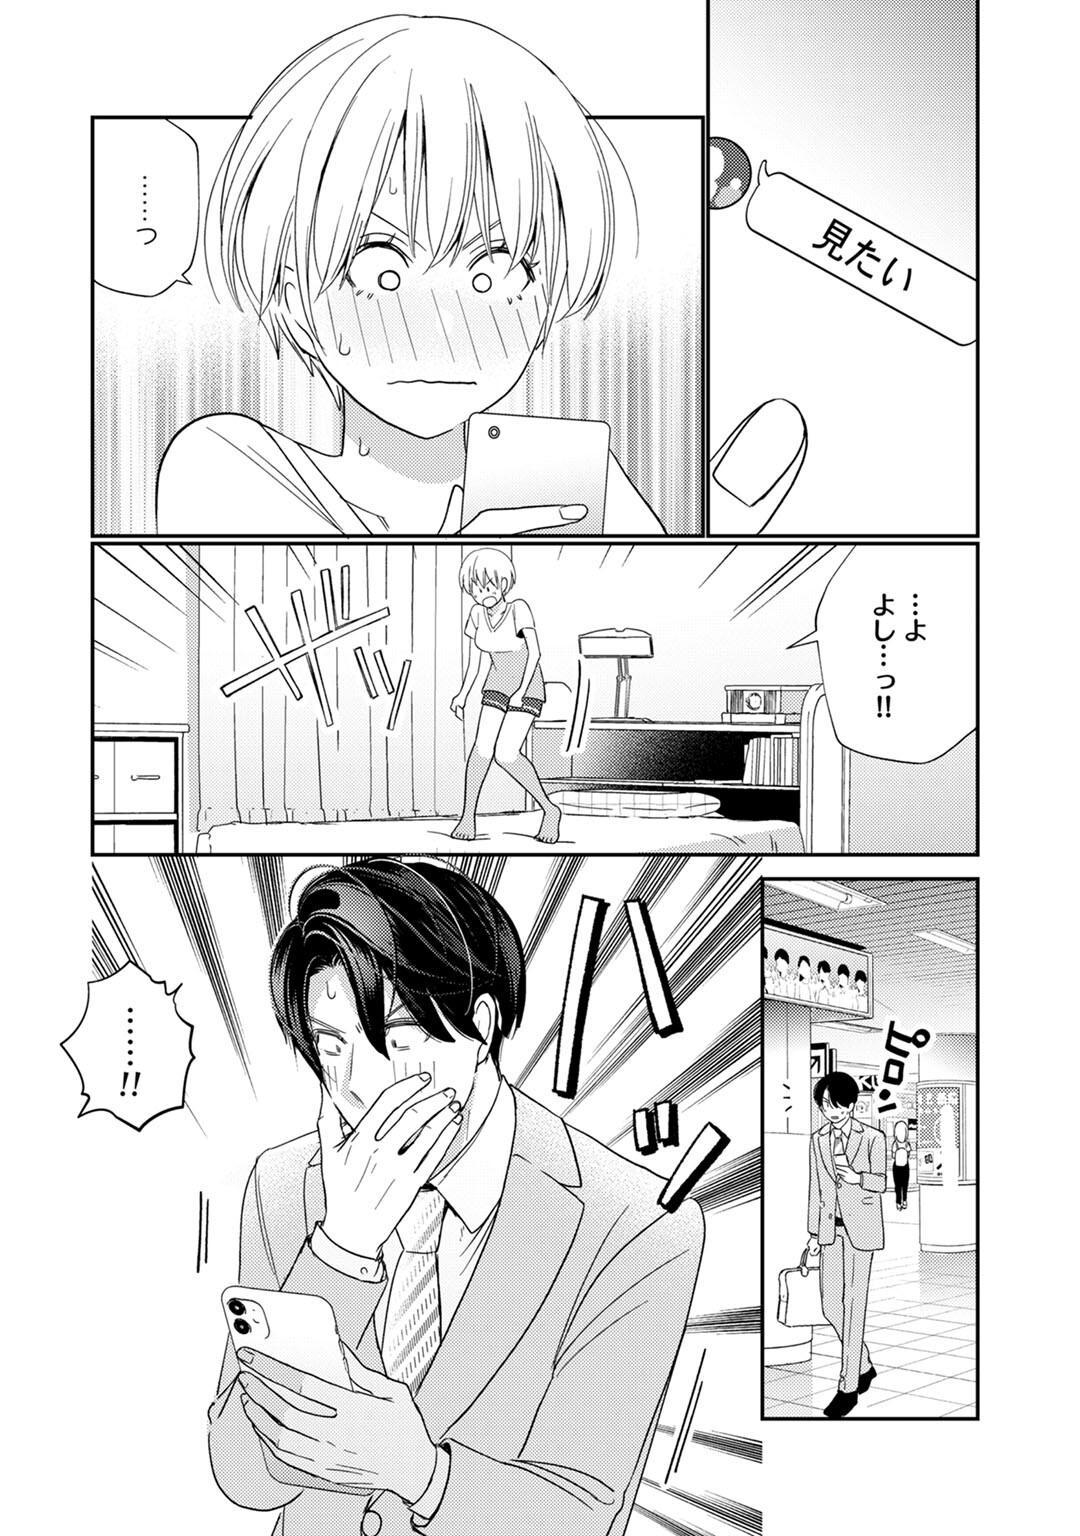 [Okonogi Happa] Kyonyuu-chan to Kyokon Joushi -Kaisha de Musabori Sex- act. 7 17